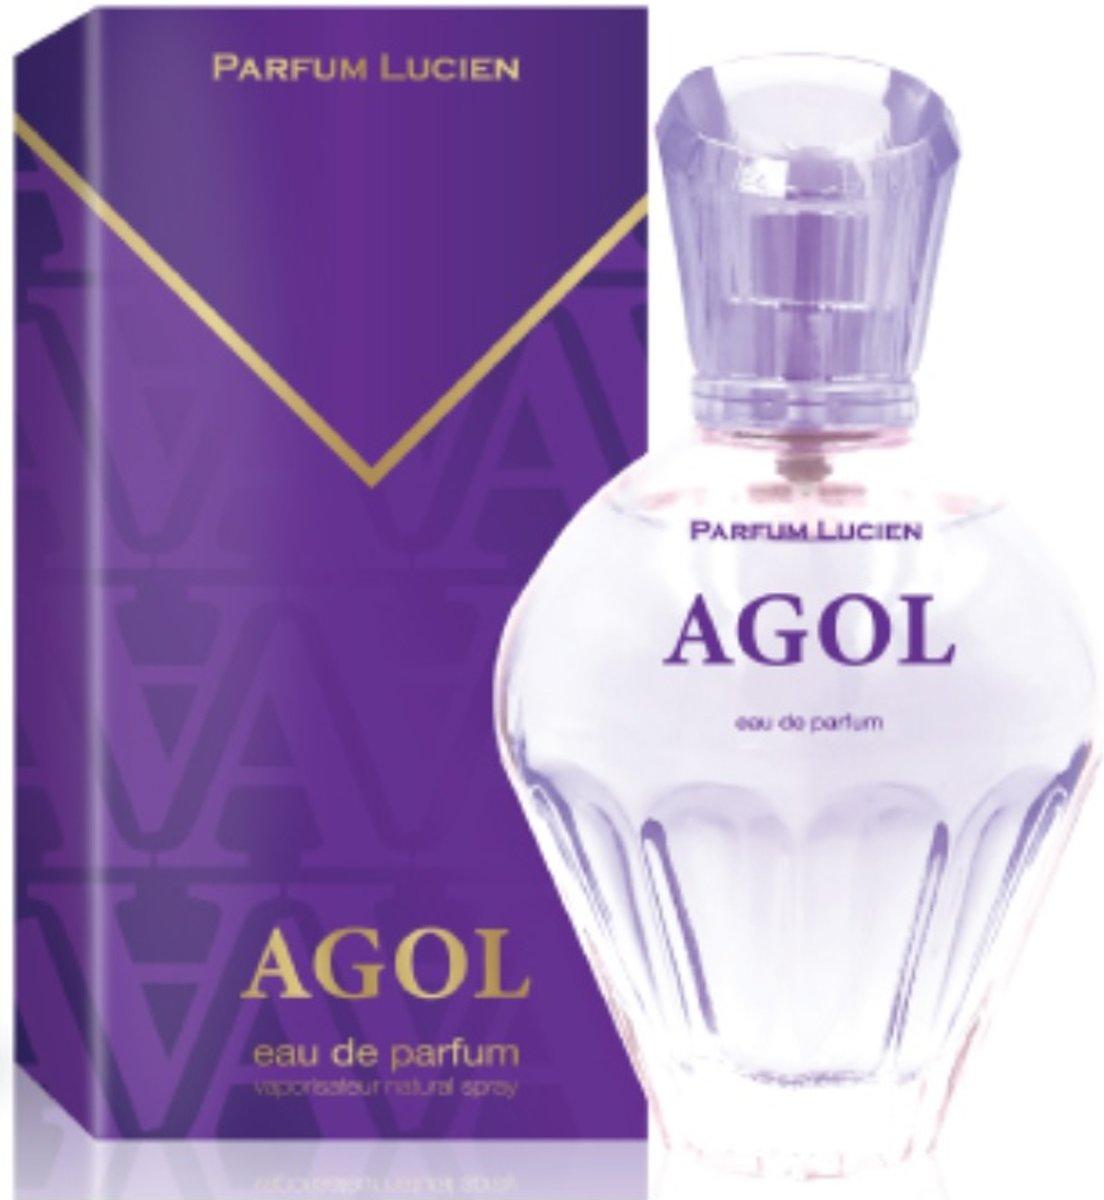 Parfum Lucien Agol kopen